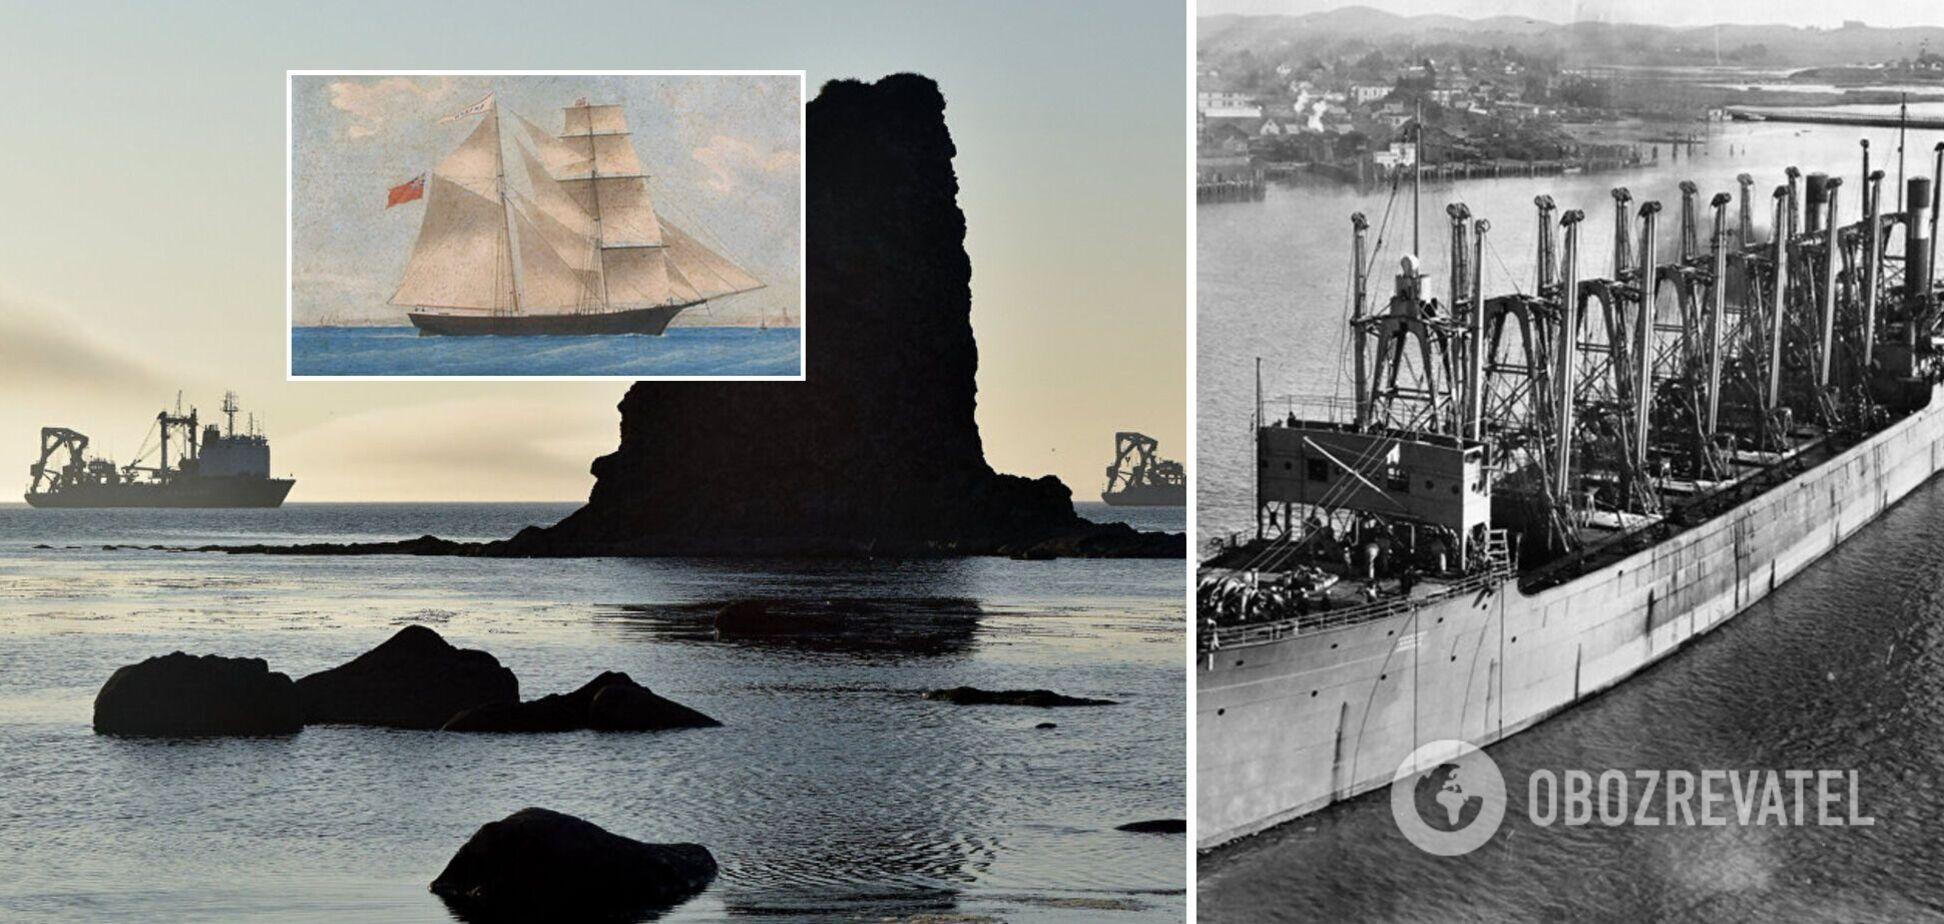 Кораблі, яхти і цілі народи: топ-5 загадкових зникнень в історії людства